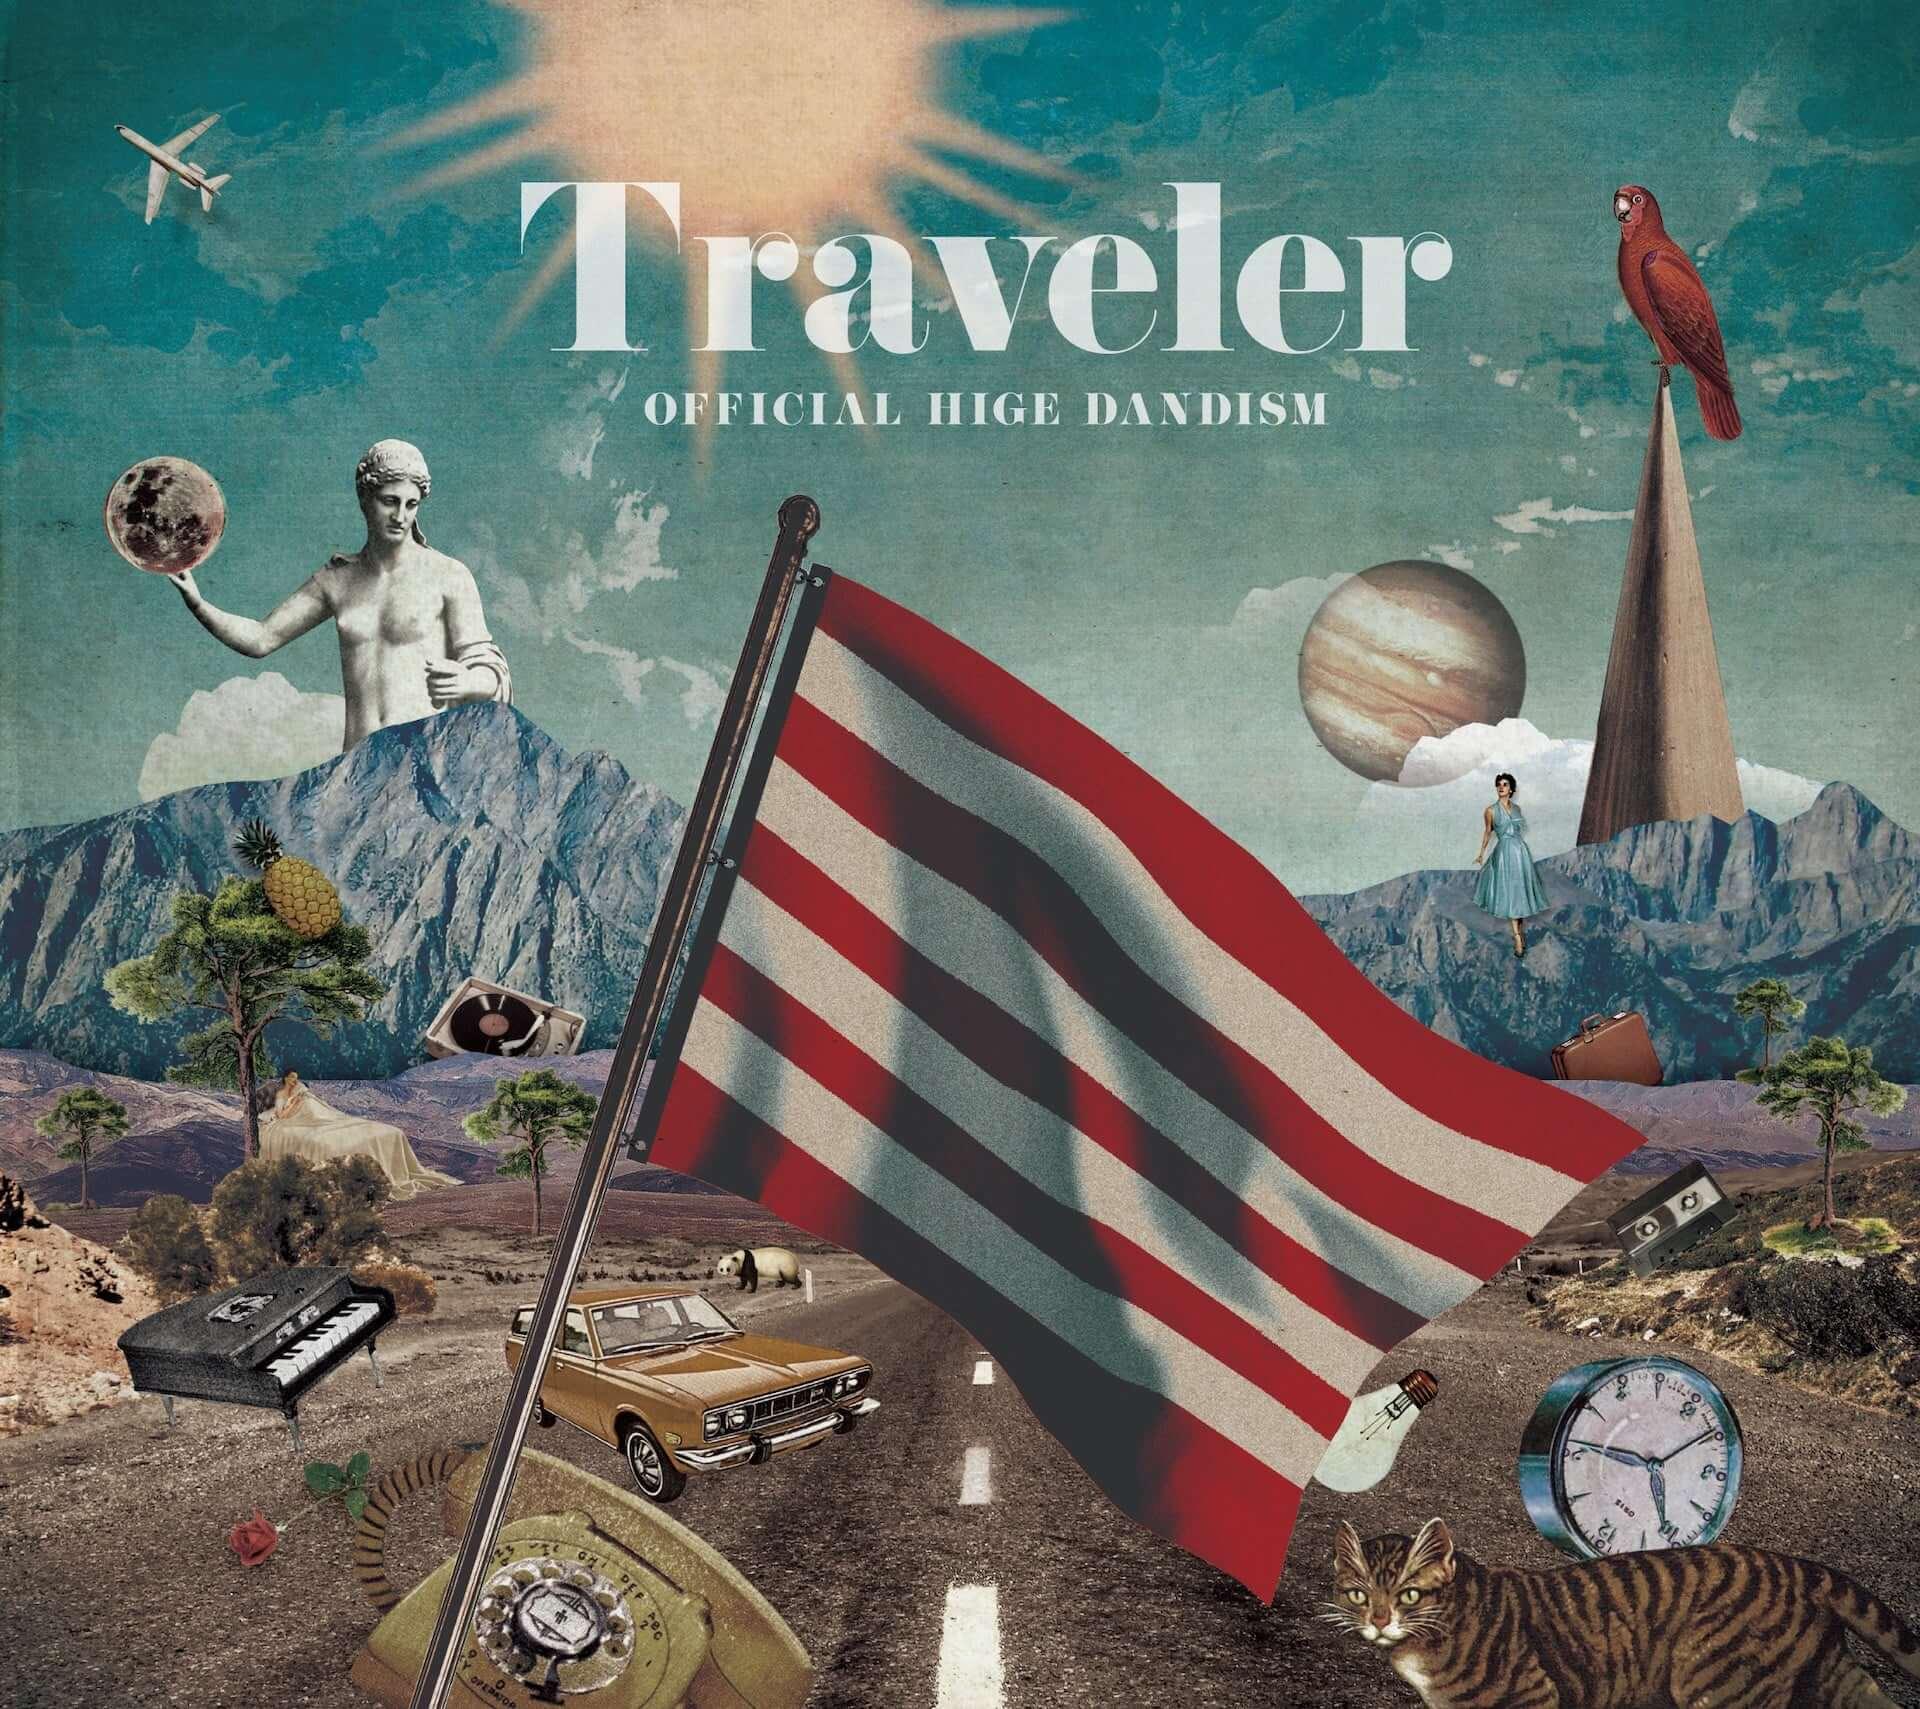 「第12回CDショップ大賞 2020」Official髭男dismの『Traveler』とカネコアヤノの『燦々』が大賞に選出!受賞者が発表 music200312_cdshop_3-1920x1709